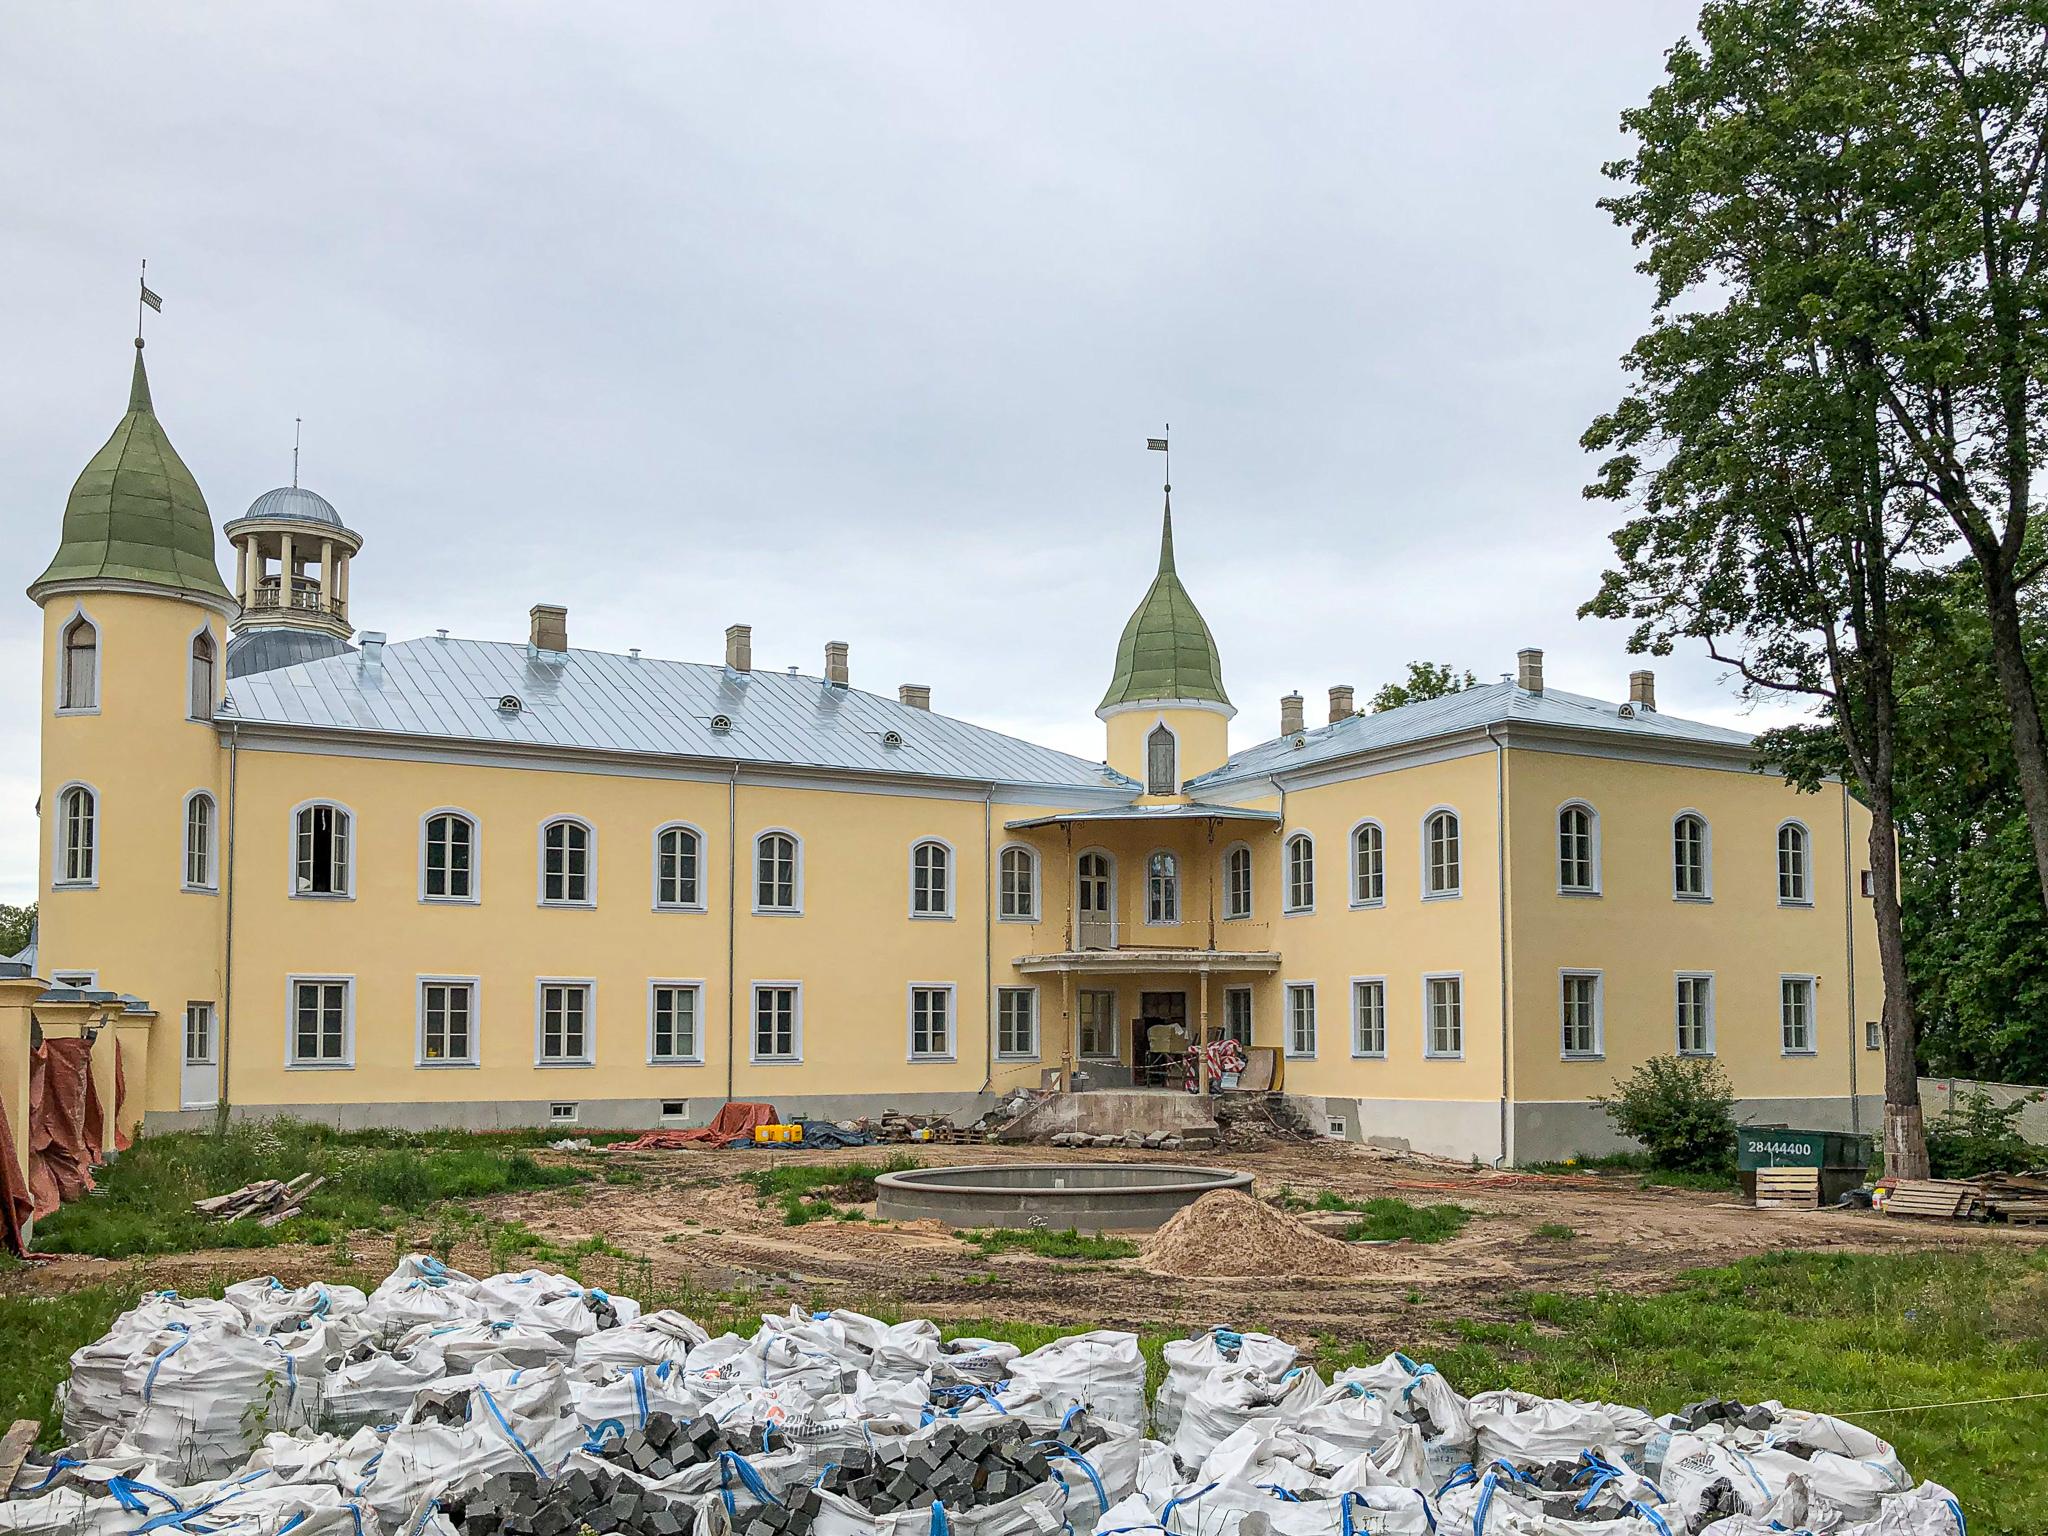 2019-07-30, Schloss Kreuzburg in Krustpils